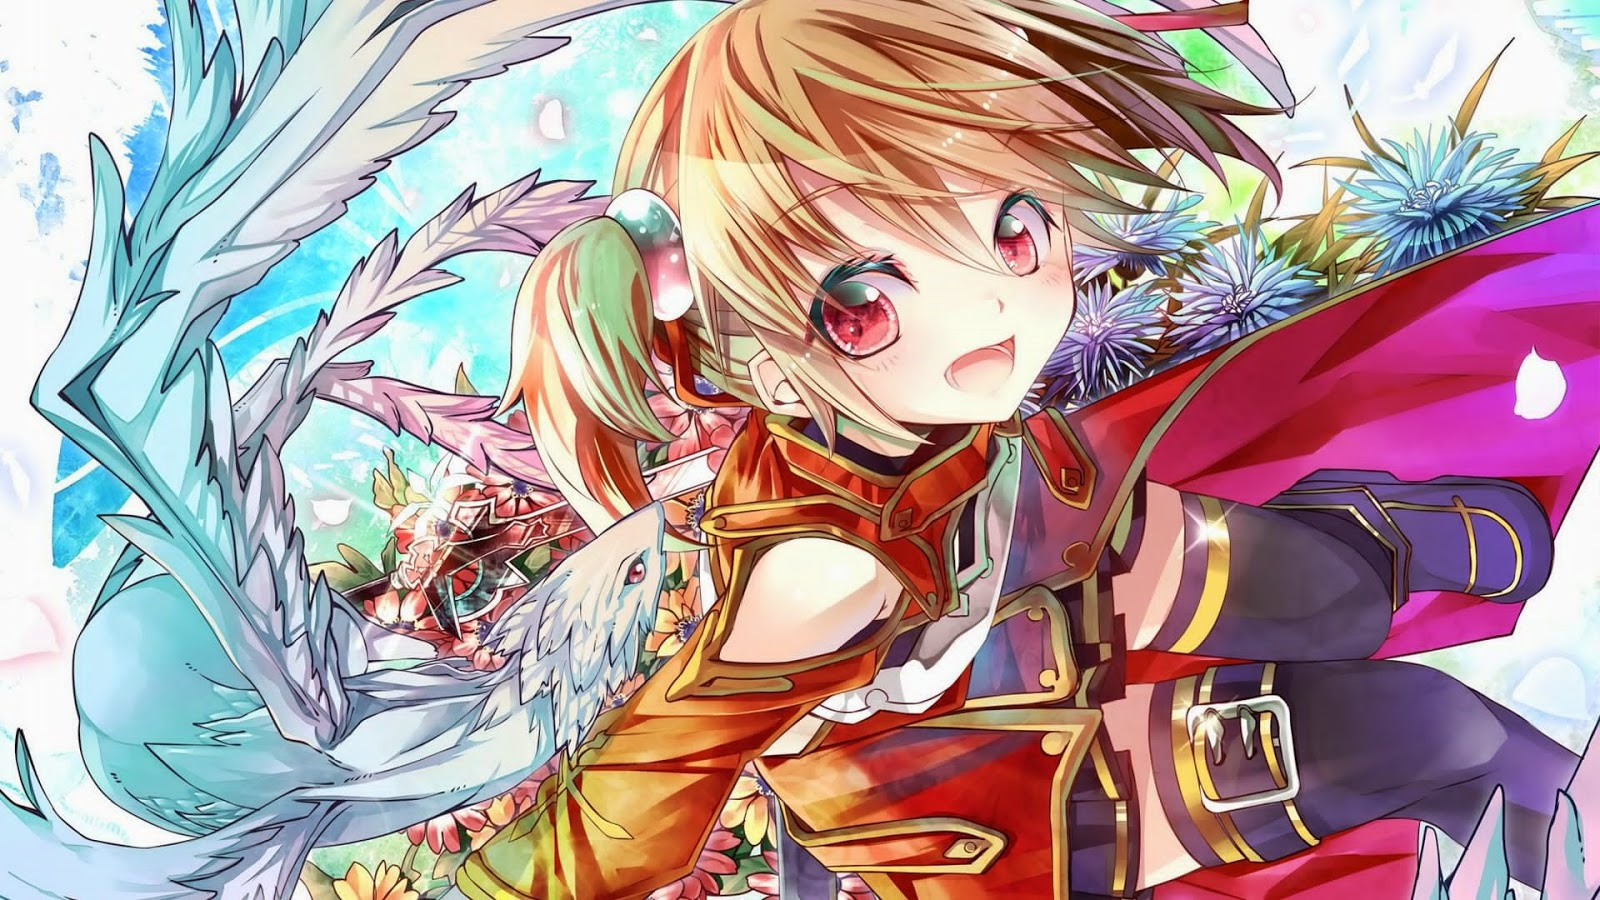 Anime Cellphone Wallpaper 2d Box Sword Art Online Desktop Wallpapers